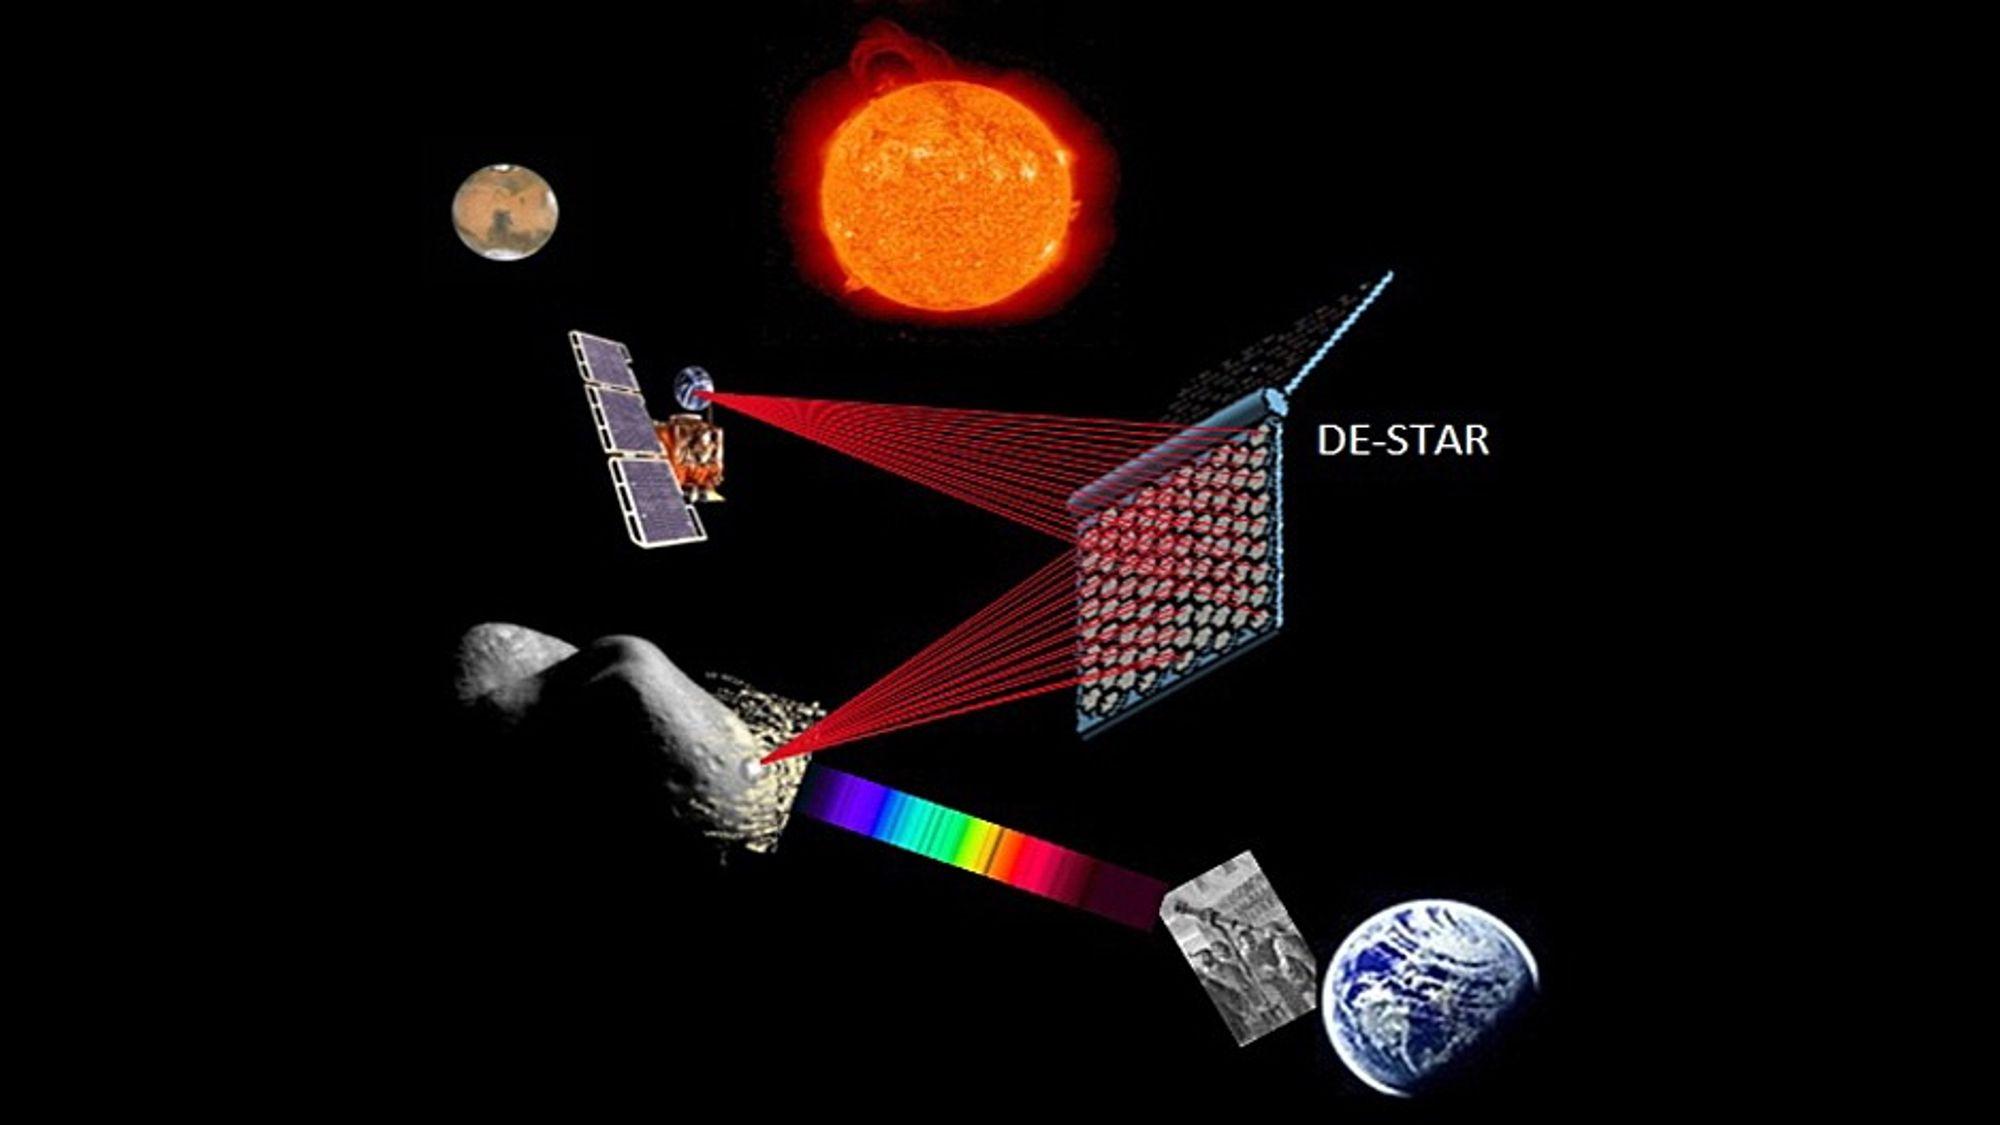 TRUSSELEN FRA VERDENSROMMET: De star skal kunne oppdage og ødelegge asteroider som truer jorden, samtidig som den kan forsyne andre romfartøy med energi.  Konseptskisse: Philip M. Lubin.